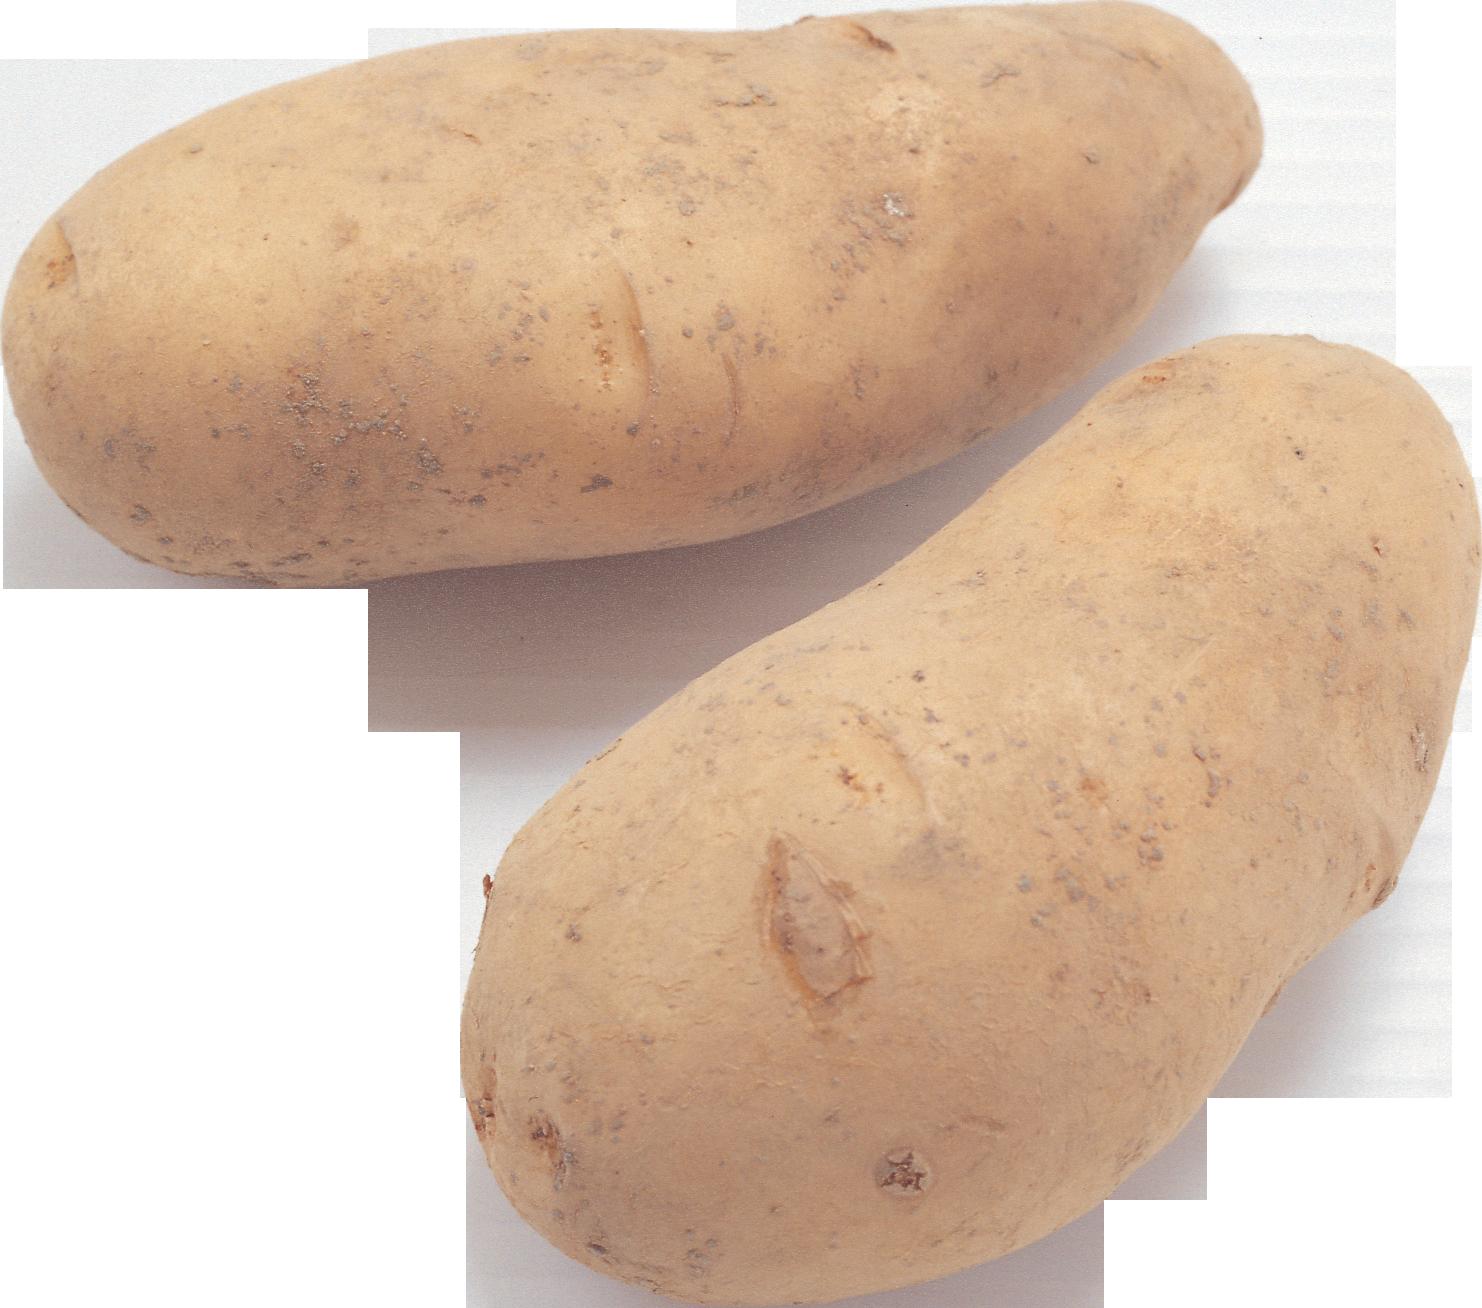 Два клубня картофеля